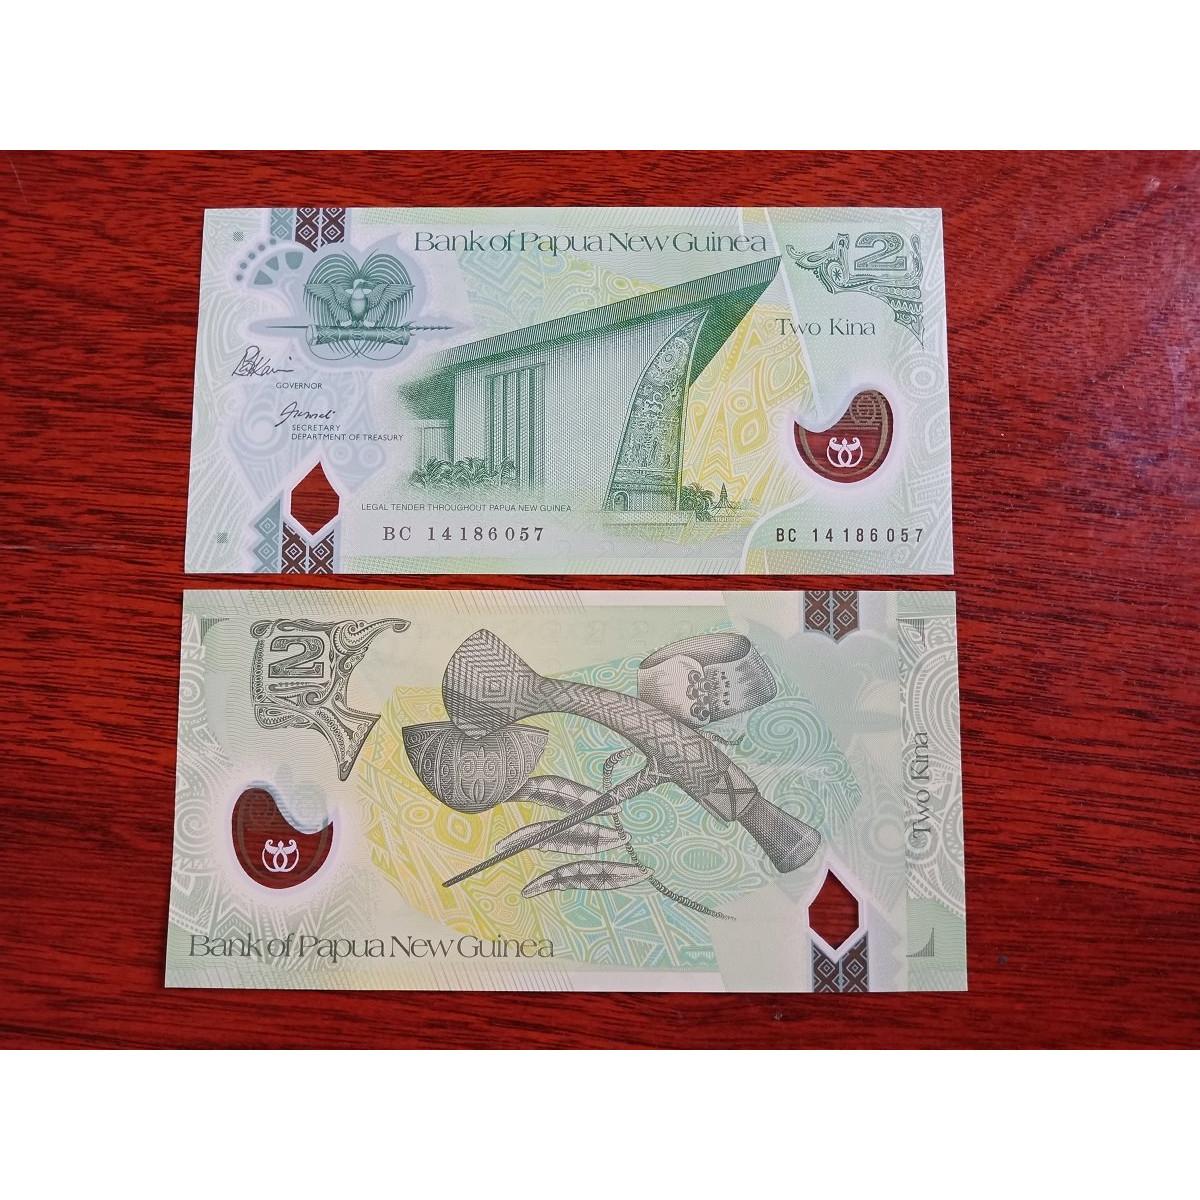 Tờ tiền 2 Kina của Papua New Guinea bằng polyme sưu tầm